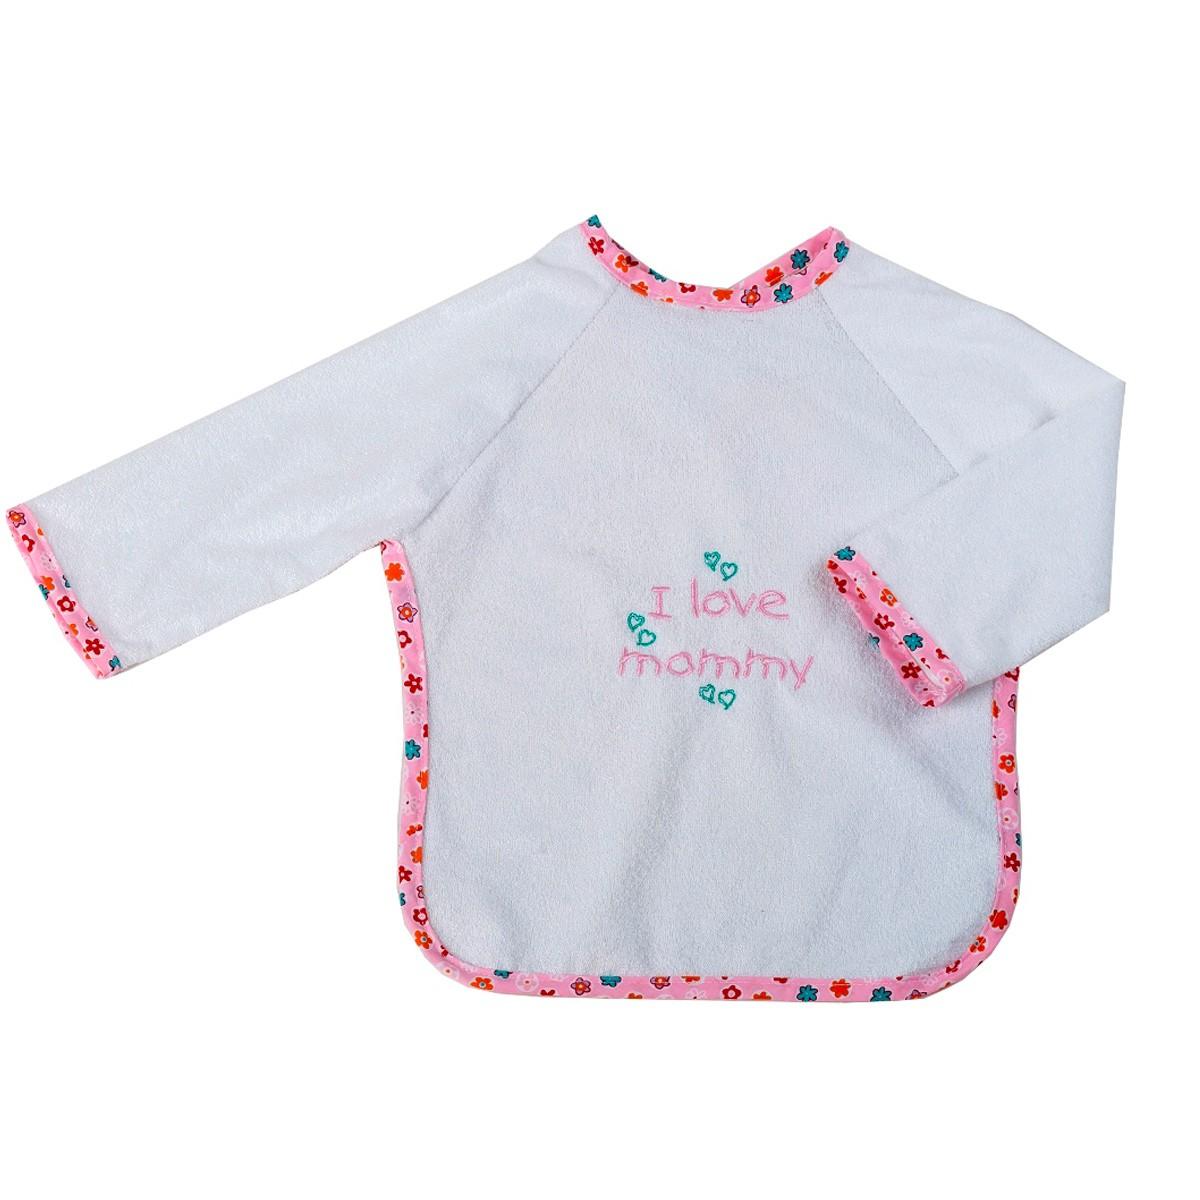 Σαλιάρα Με Μανίκια Κόσμος Του Μωρού Mommy 0610 Ροζ 74662